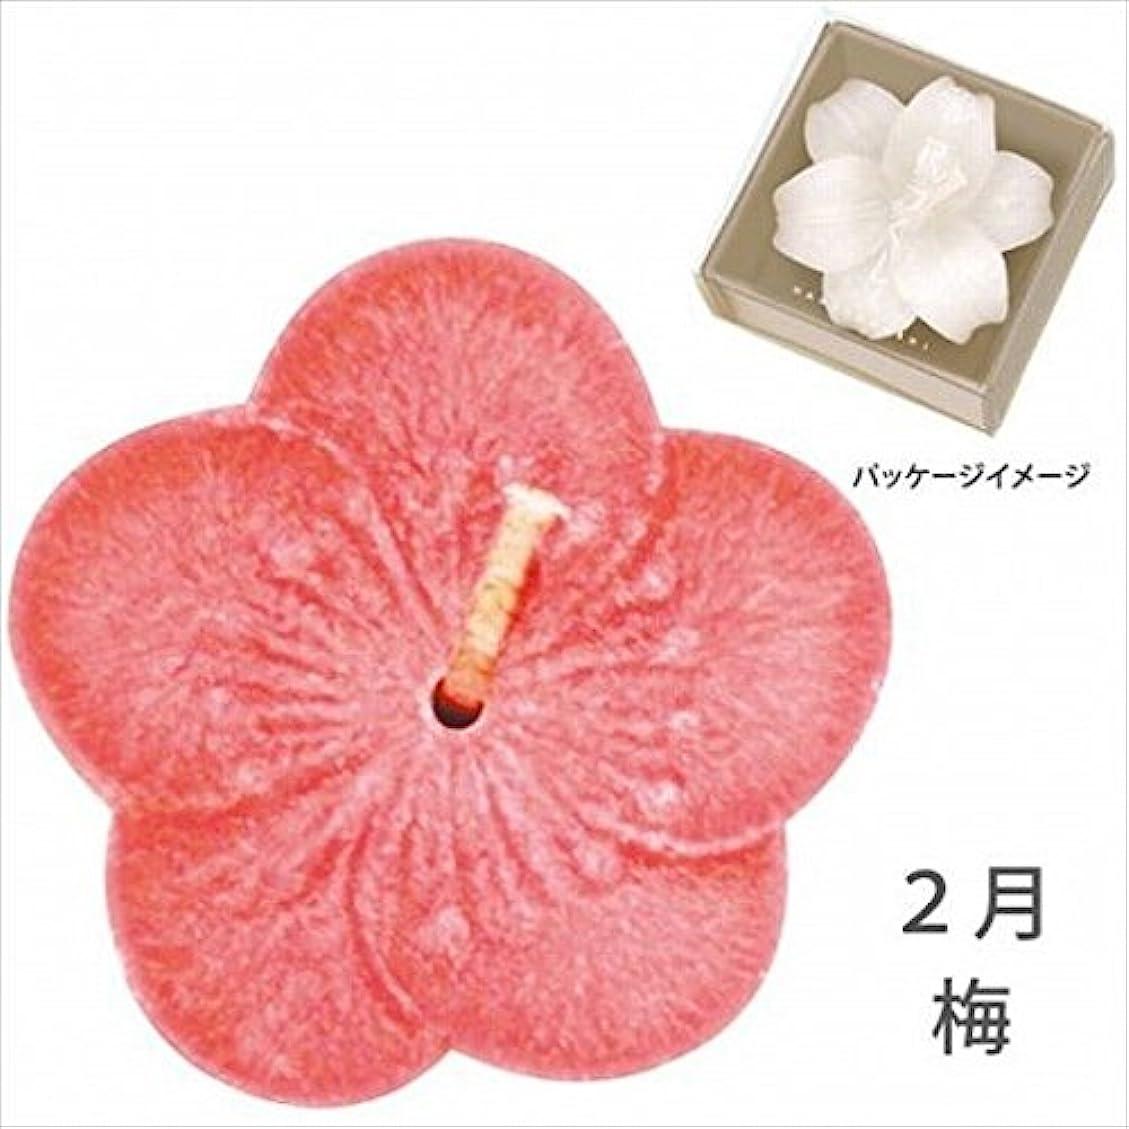 感じナサニエル区郵便番号kameyama candle(カメヤマキャンドル) 花づくし(植物性) 梅 「 梅(2月) 」 キャンドル(A4620550)